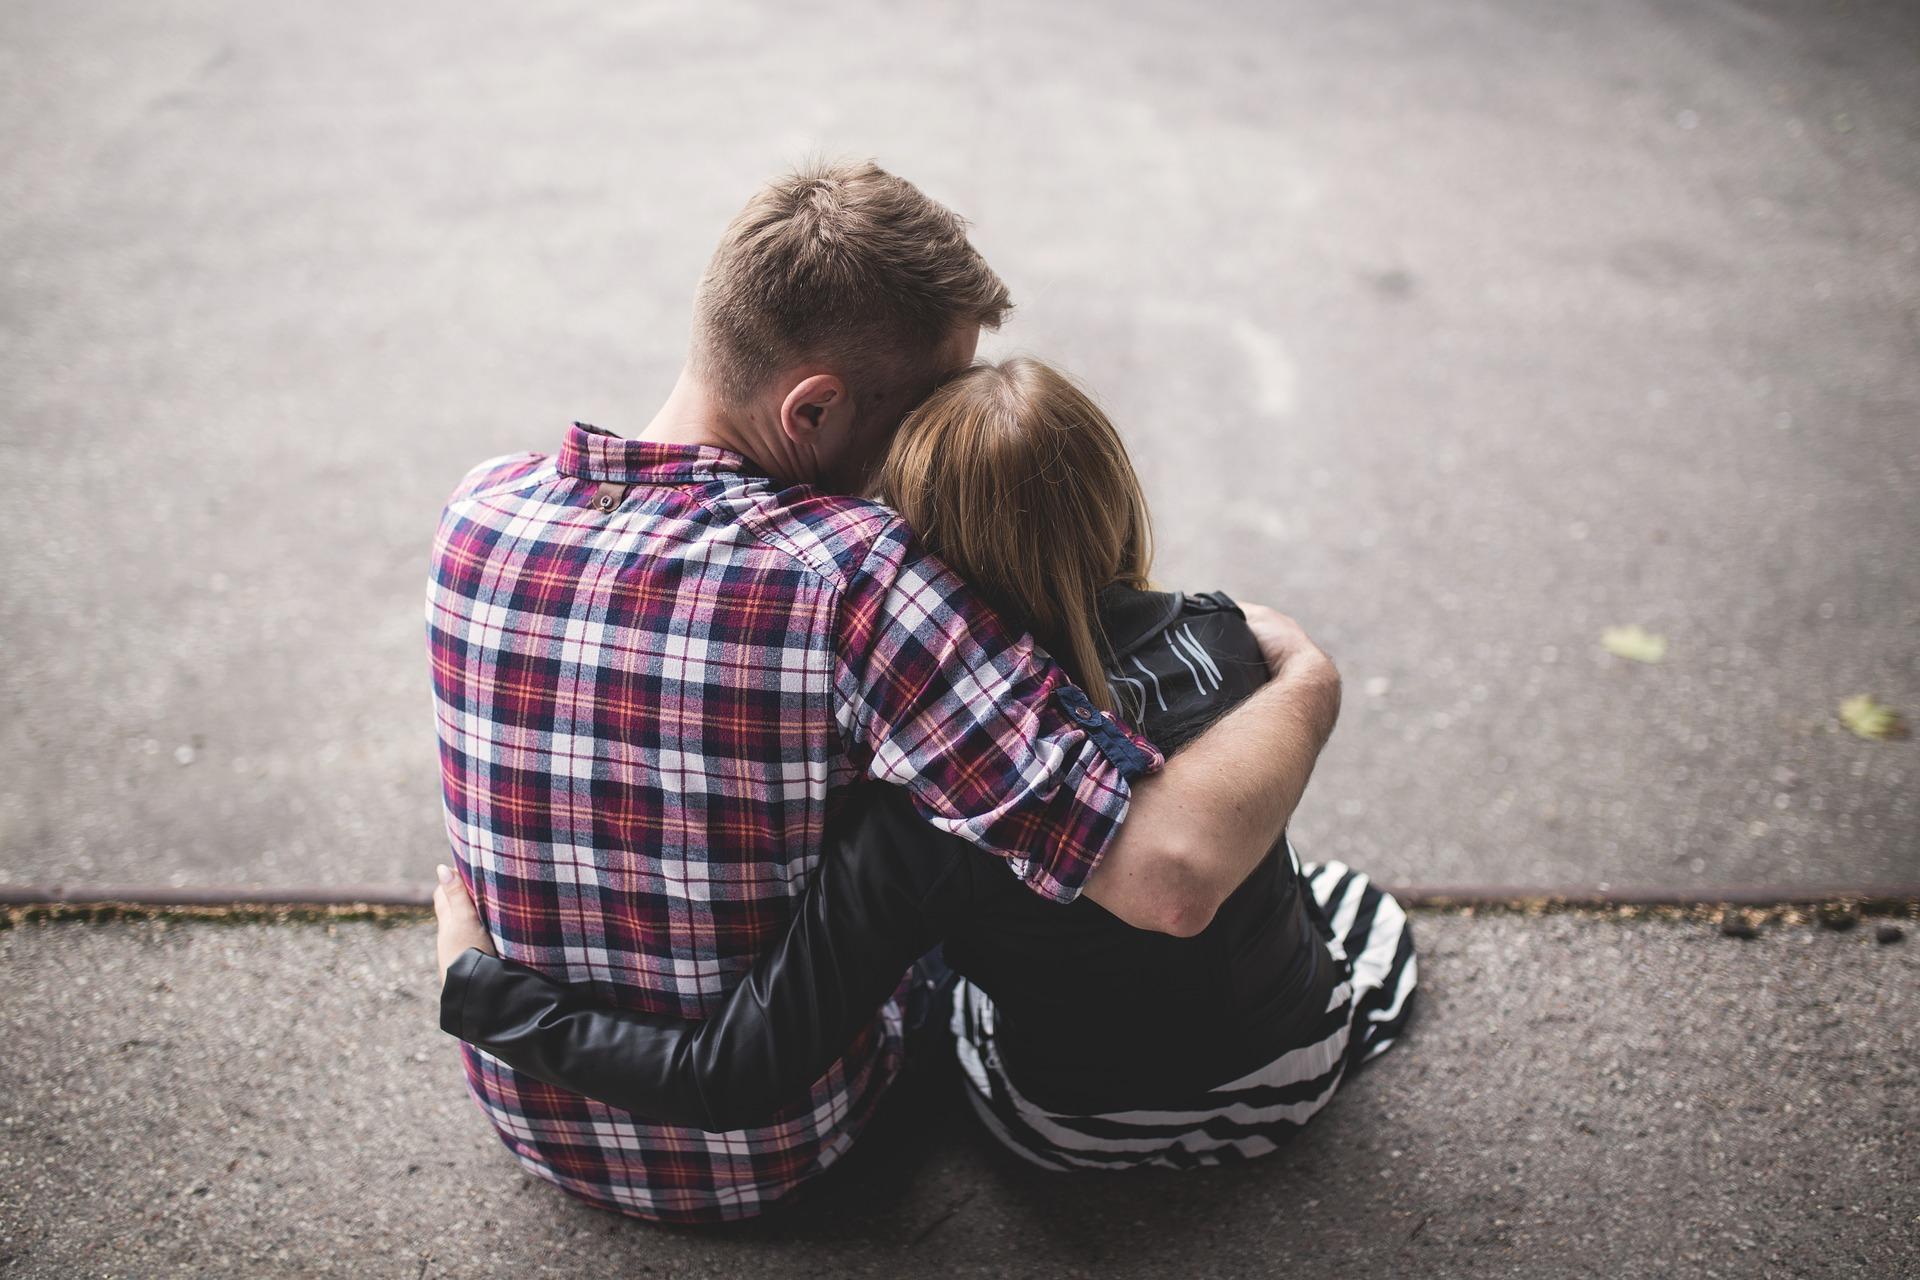 lucruri enervante pentru barbati - sfatulparintilor.ro - pixabay_com - couple-1853996_1920